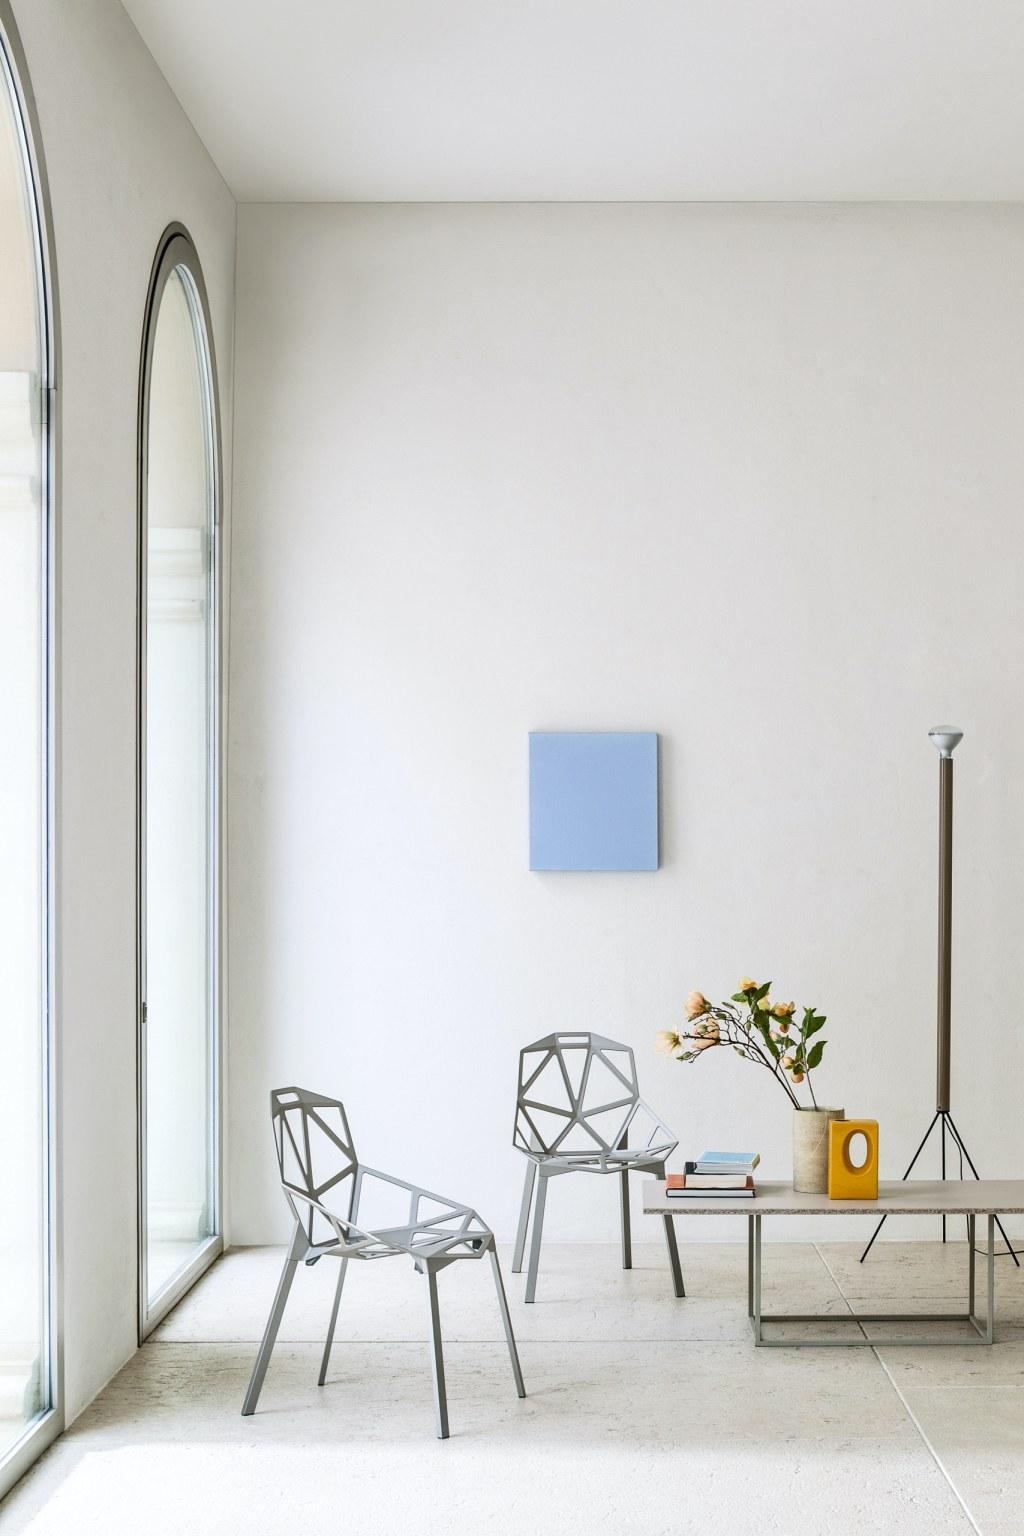 Design als Investition: zwei Chair One in grau in einem hohen, weißn Raum. Rechterhand ein Sofatisch mit Büchern und einem blühendem Zweig.